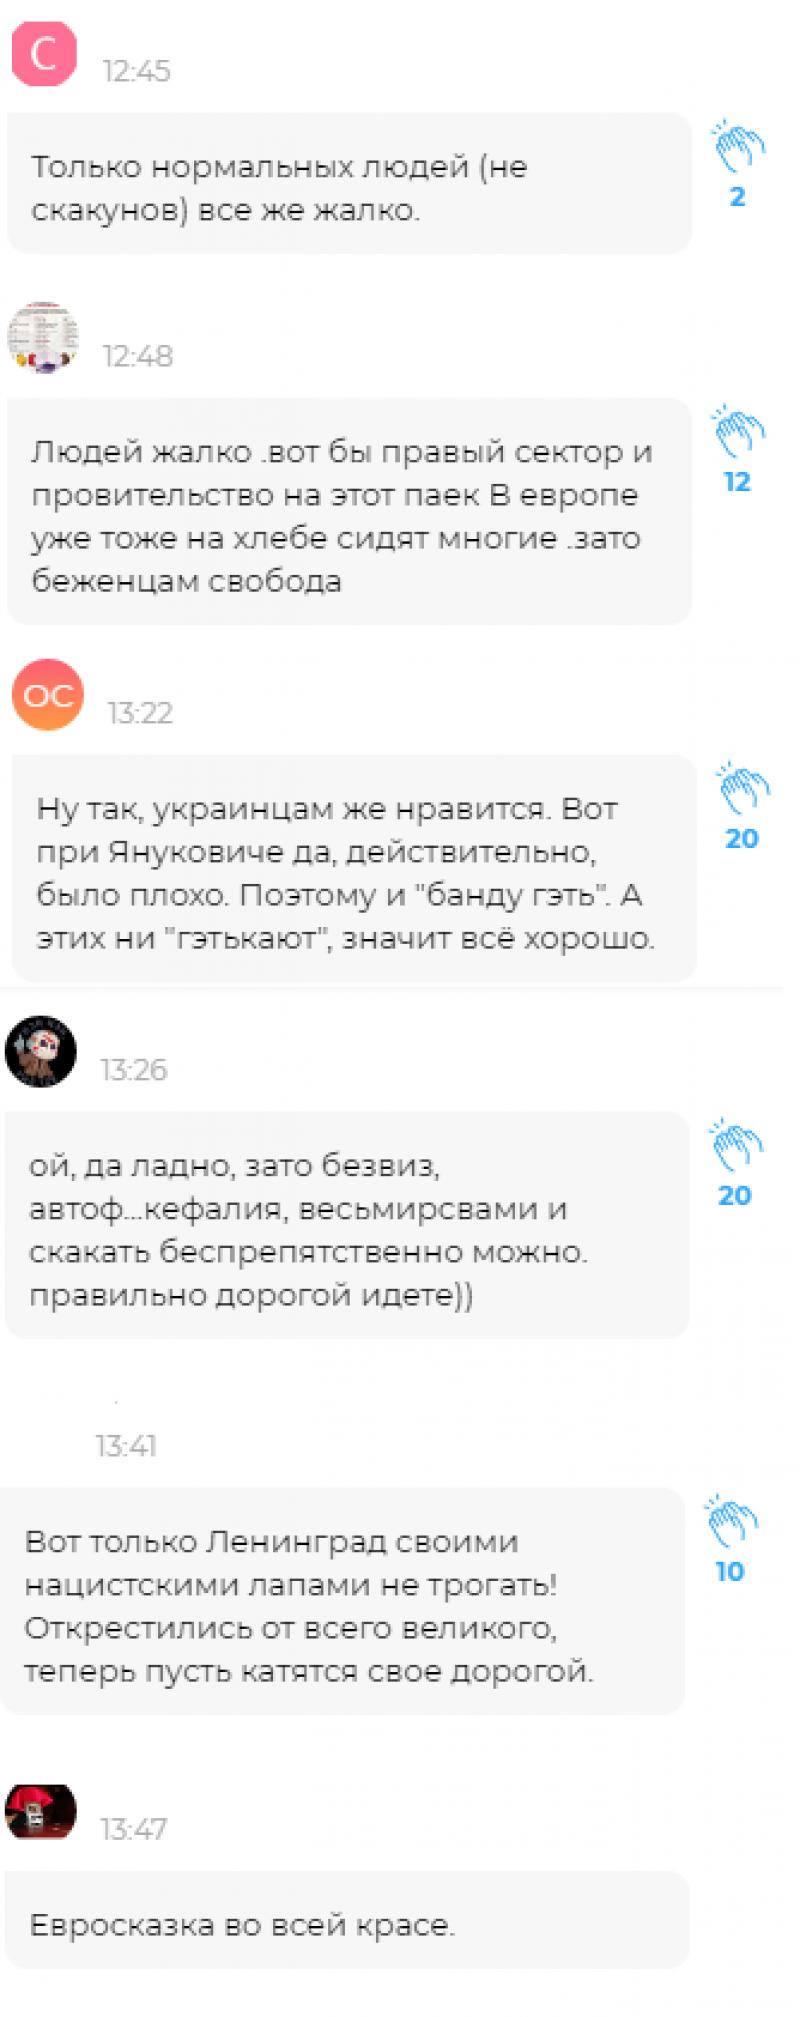 «Евросказка во всей красе»: россияне ответили Рабиновичу на сравнение рациона украинцев с временами блокады Ленинграда